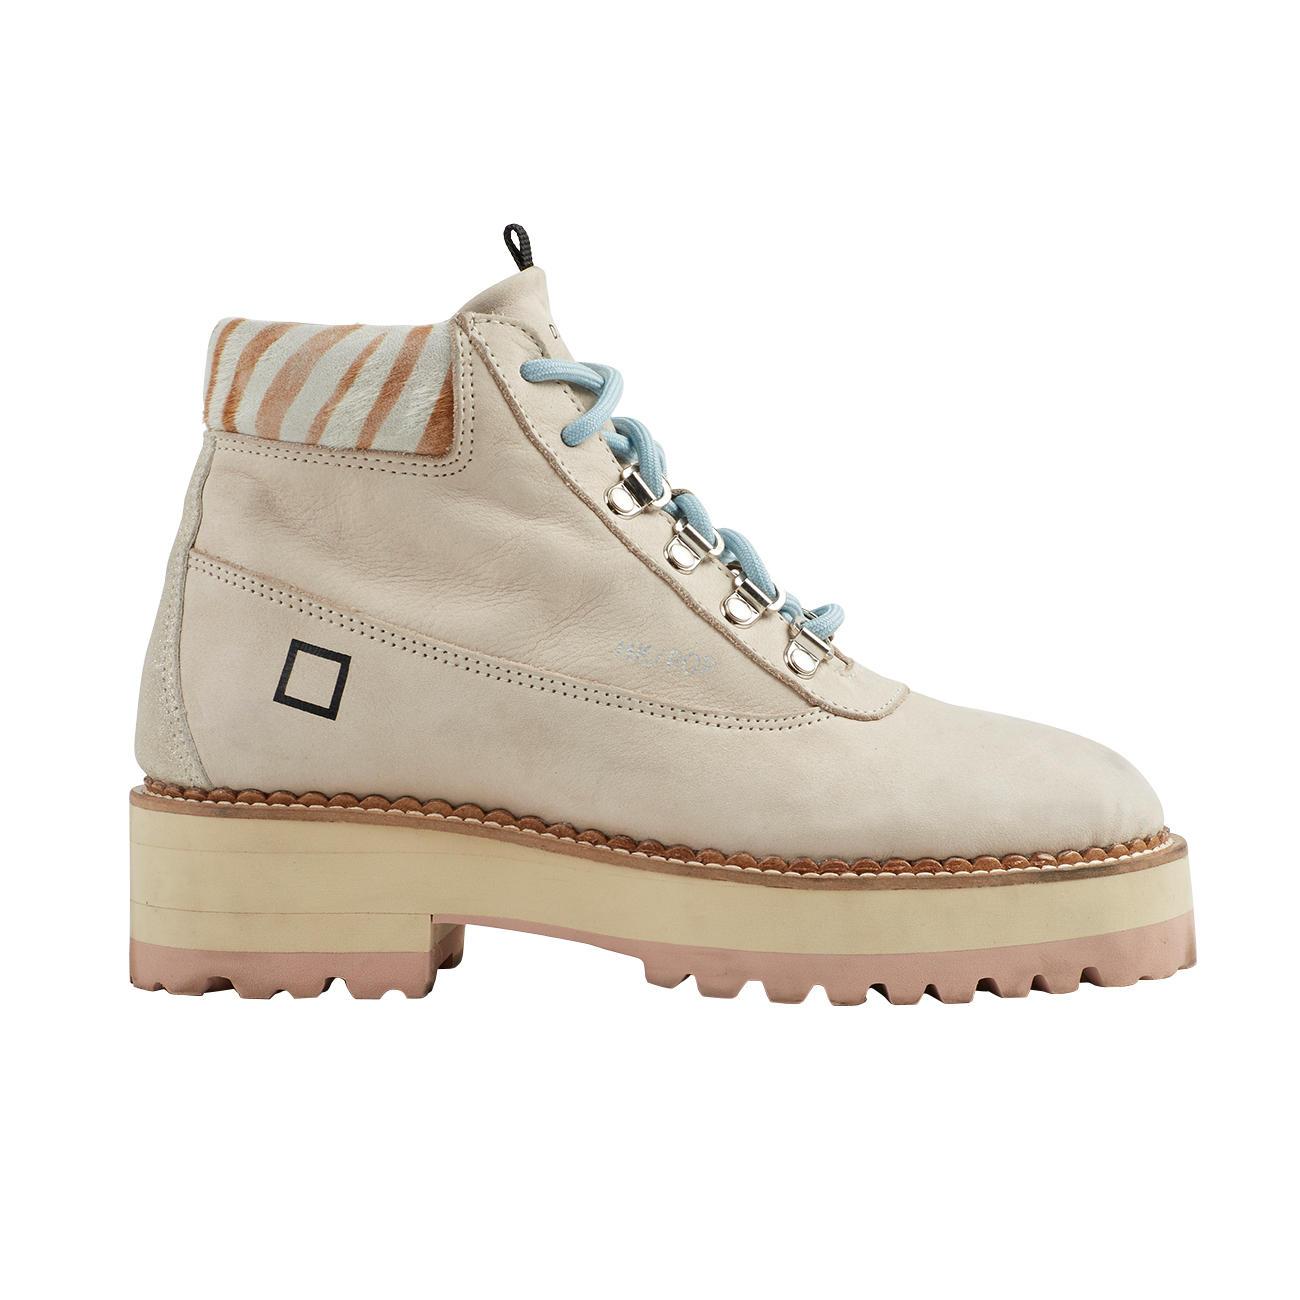 Chaussures de randonnée D.A.T.E.